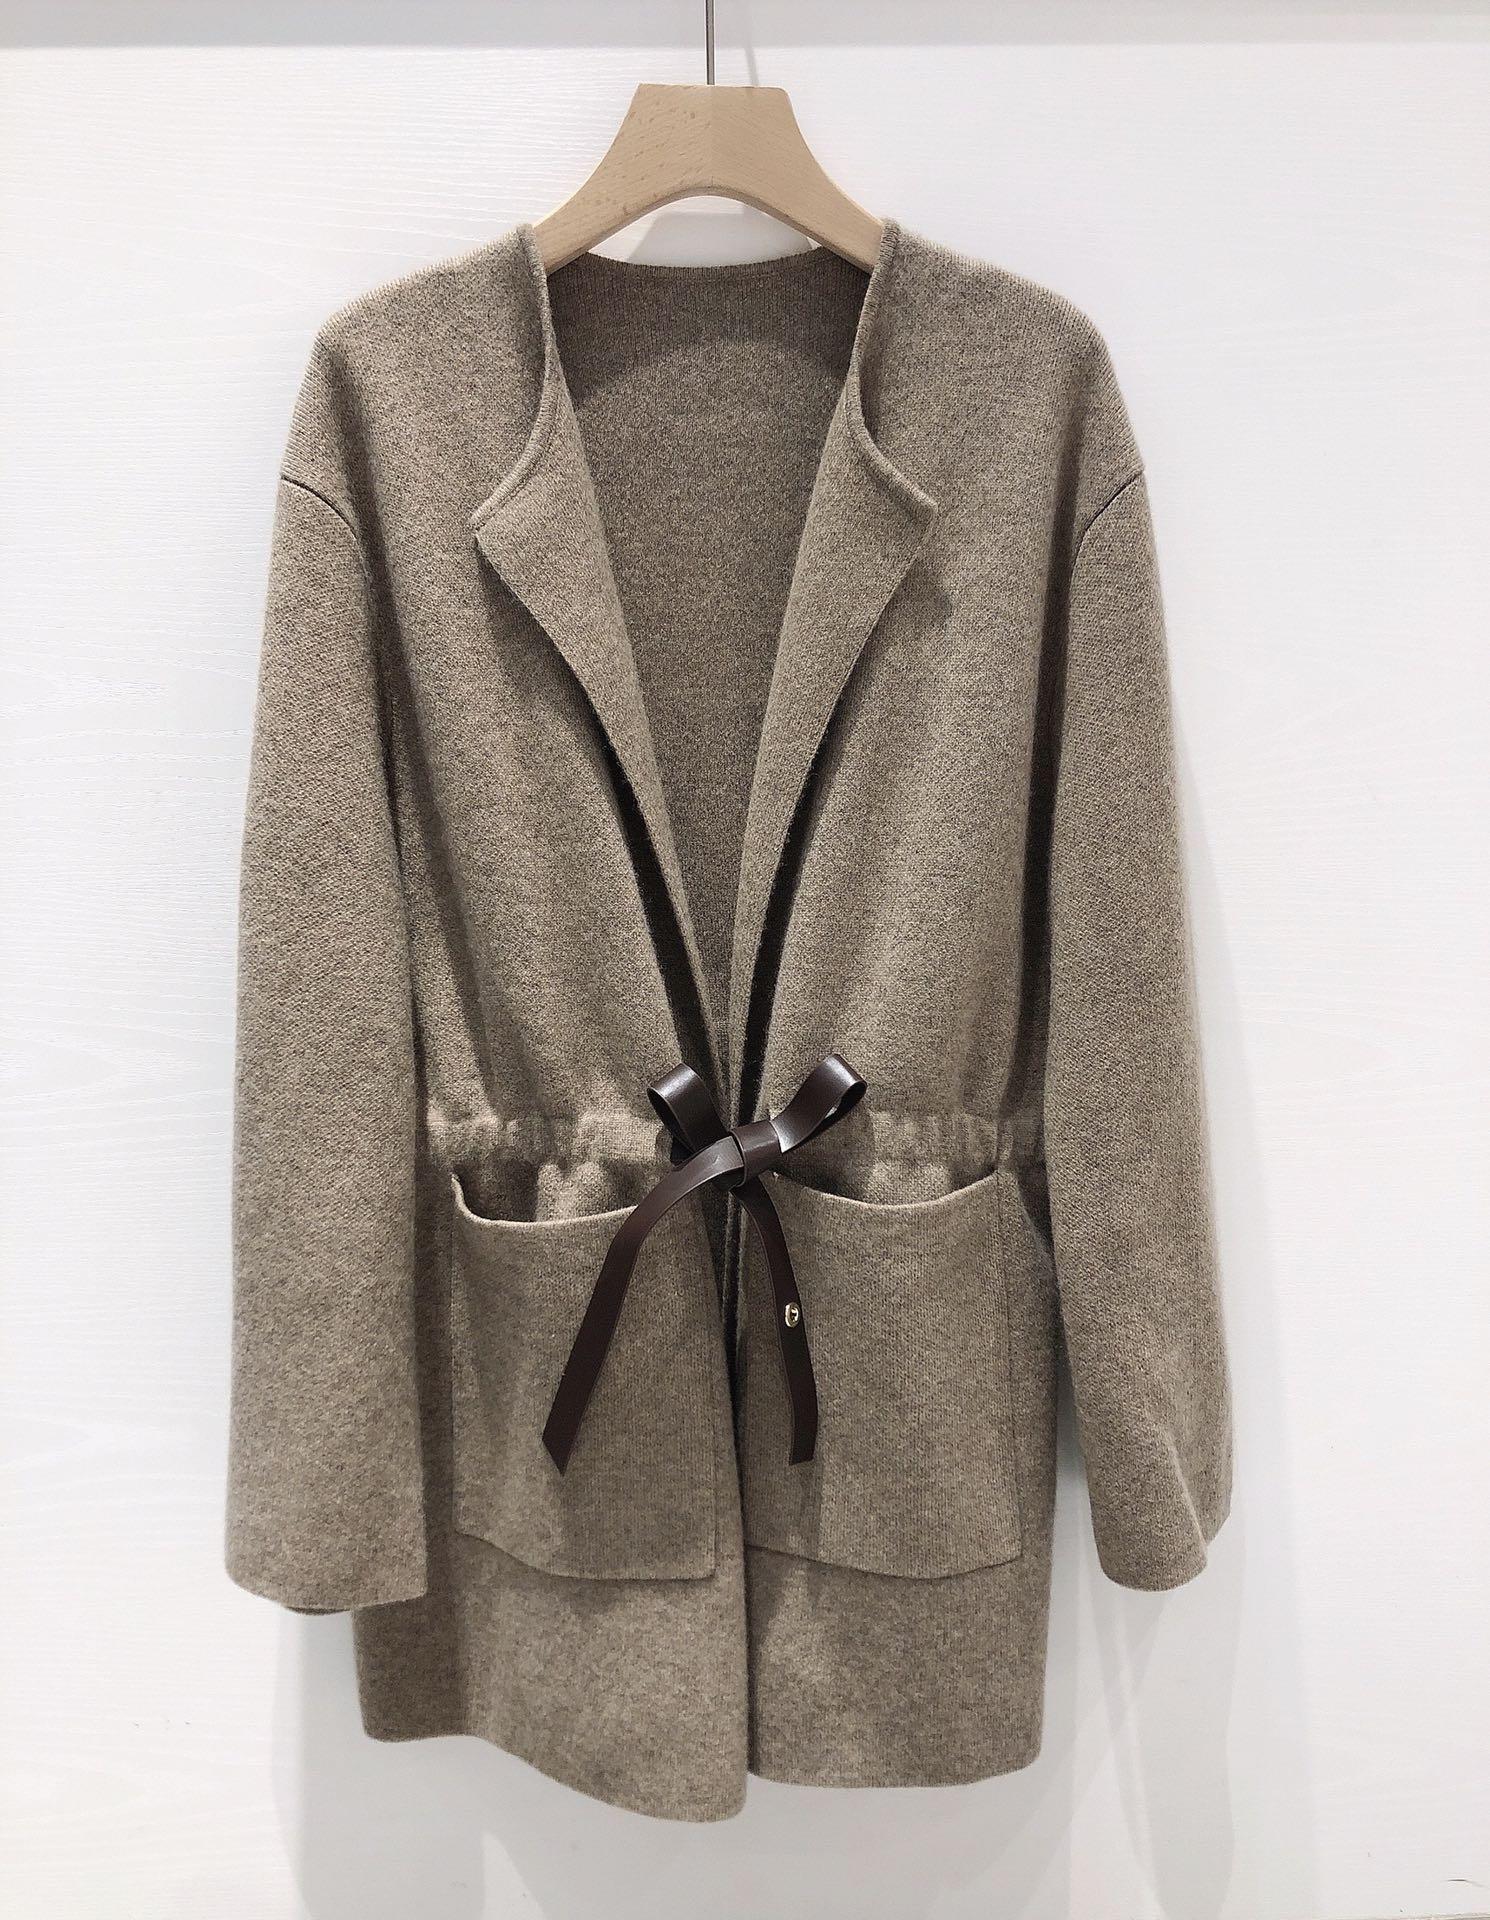 2021 نساء موضة جديدة عالية الجودة بأكمام طويلة الخامس الرقبة التعادل معطف قصير معطف 0917